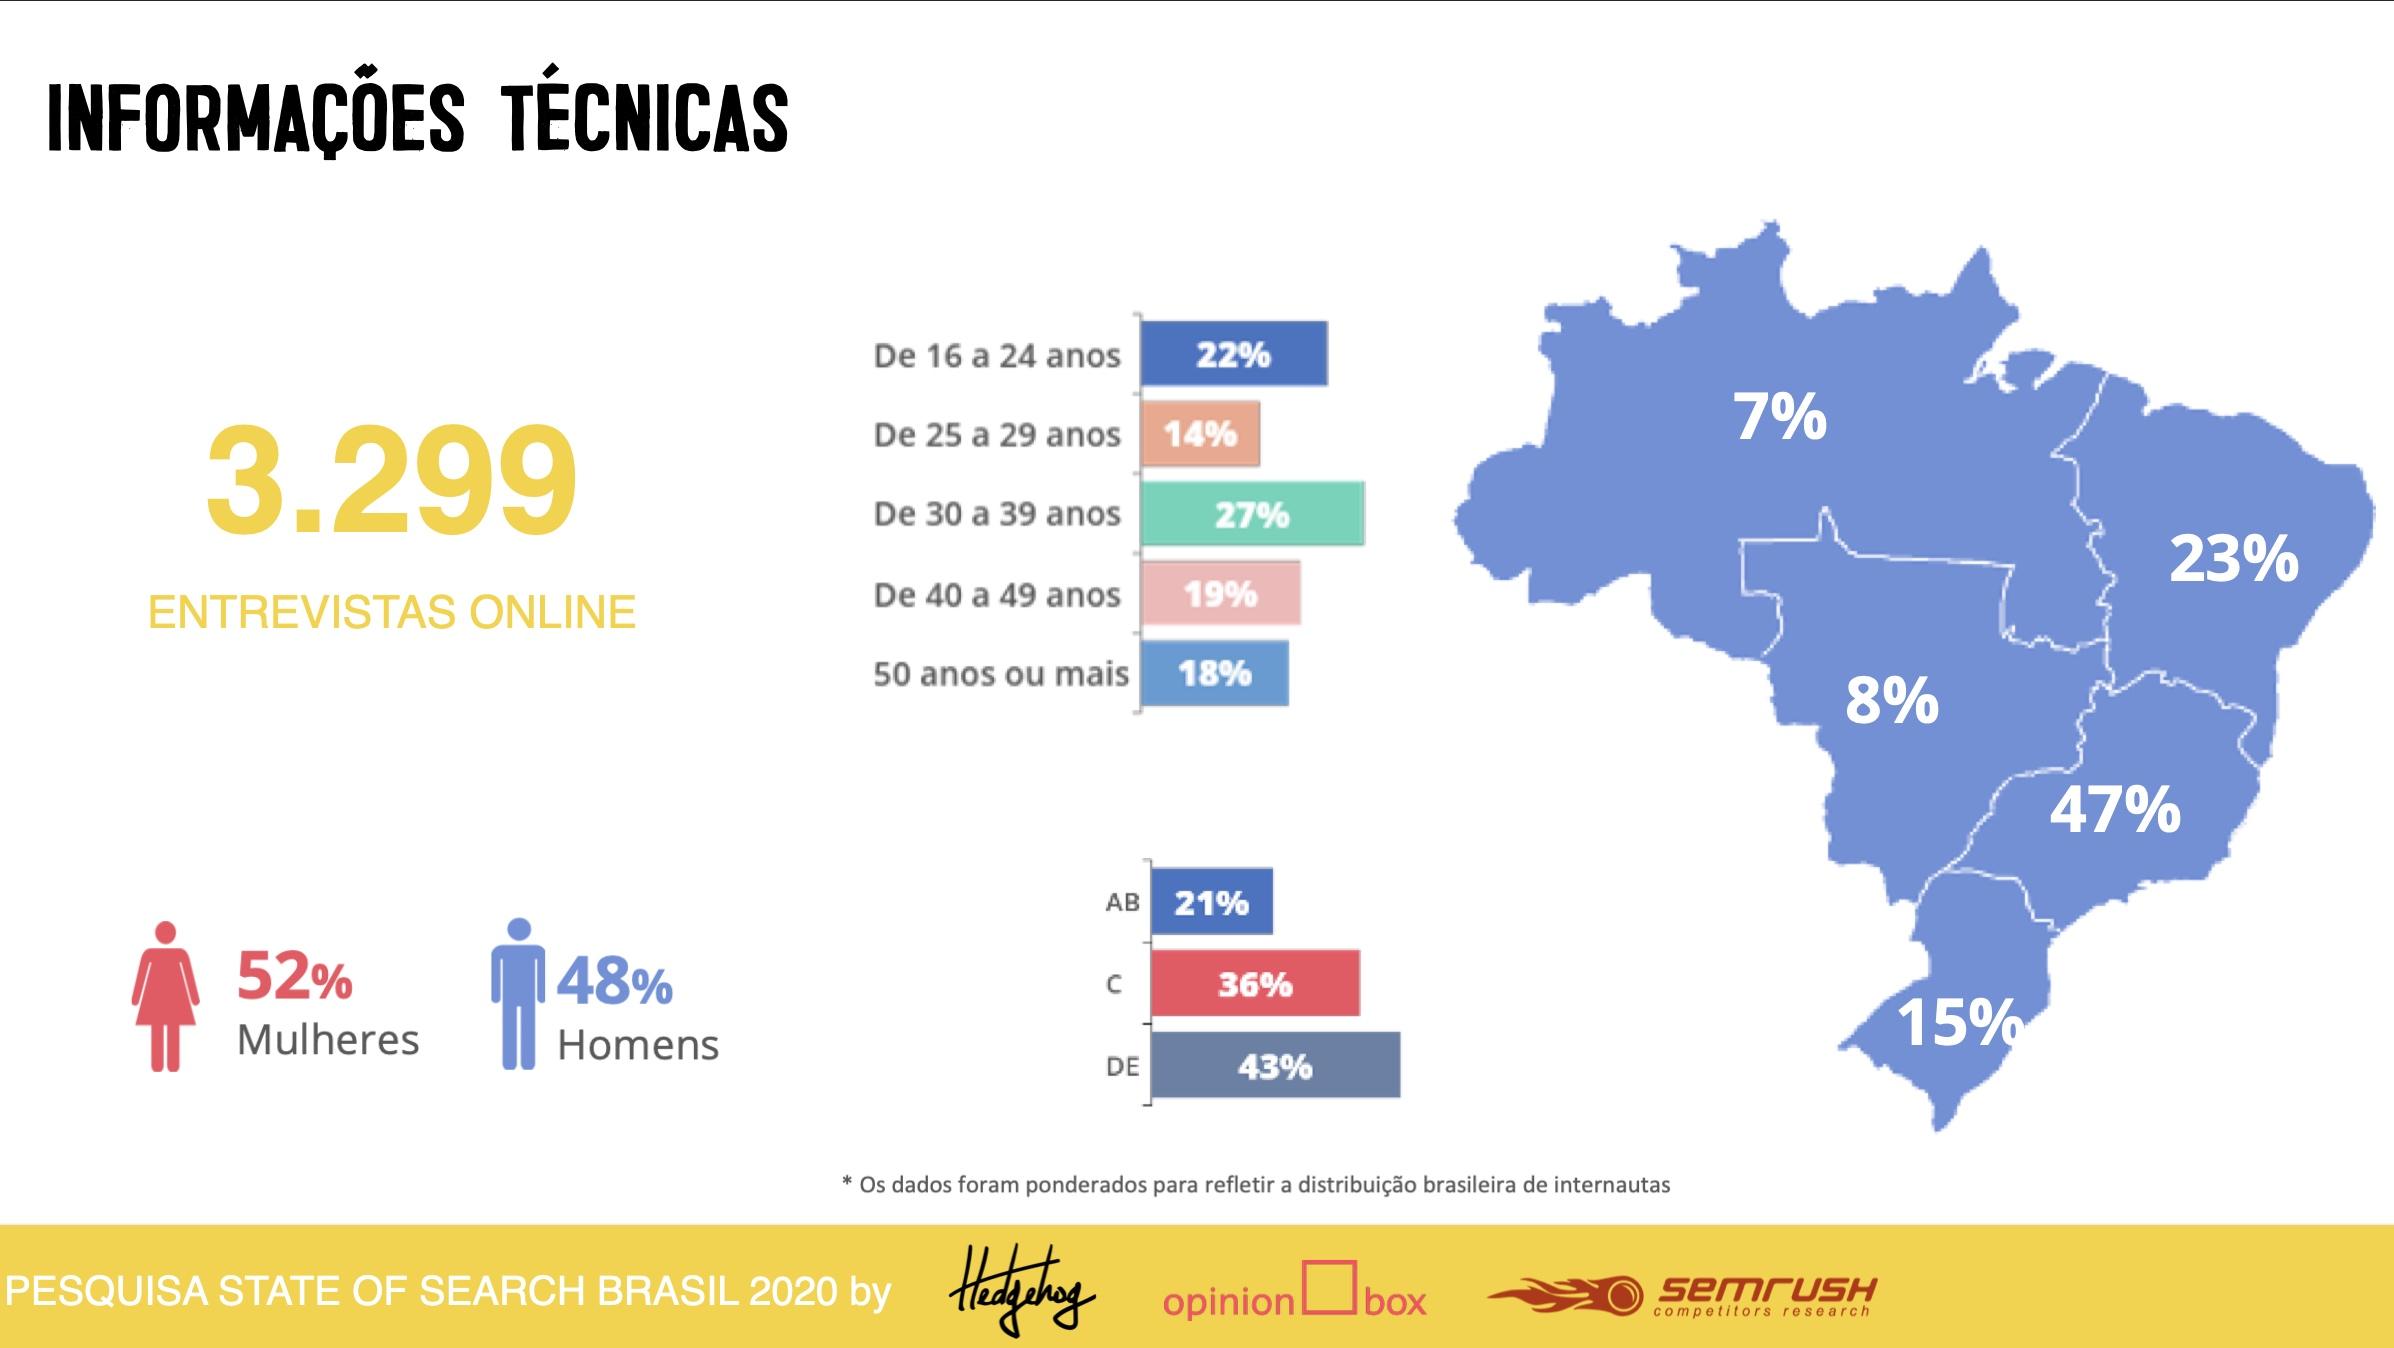 Dados de pesquisa State of search. 3.299 entrevistados em todo o brasil